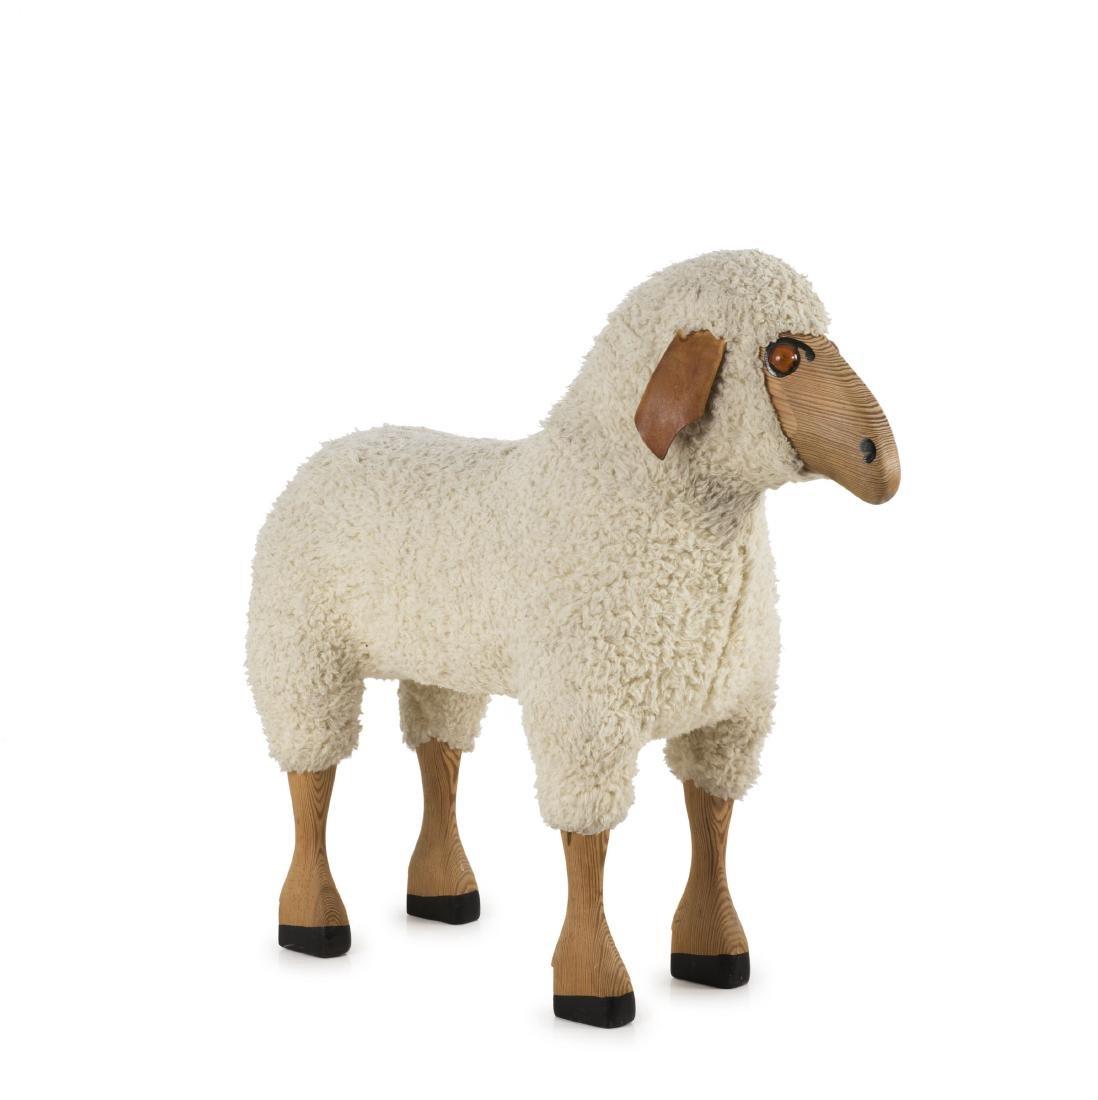 Sheep, 1960/70s